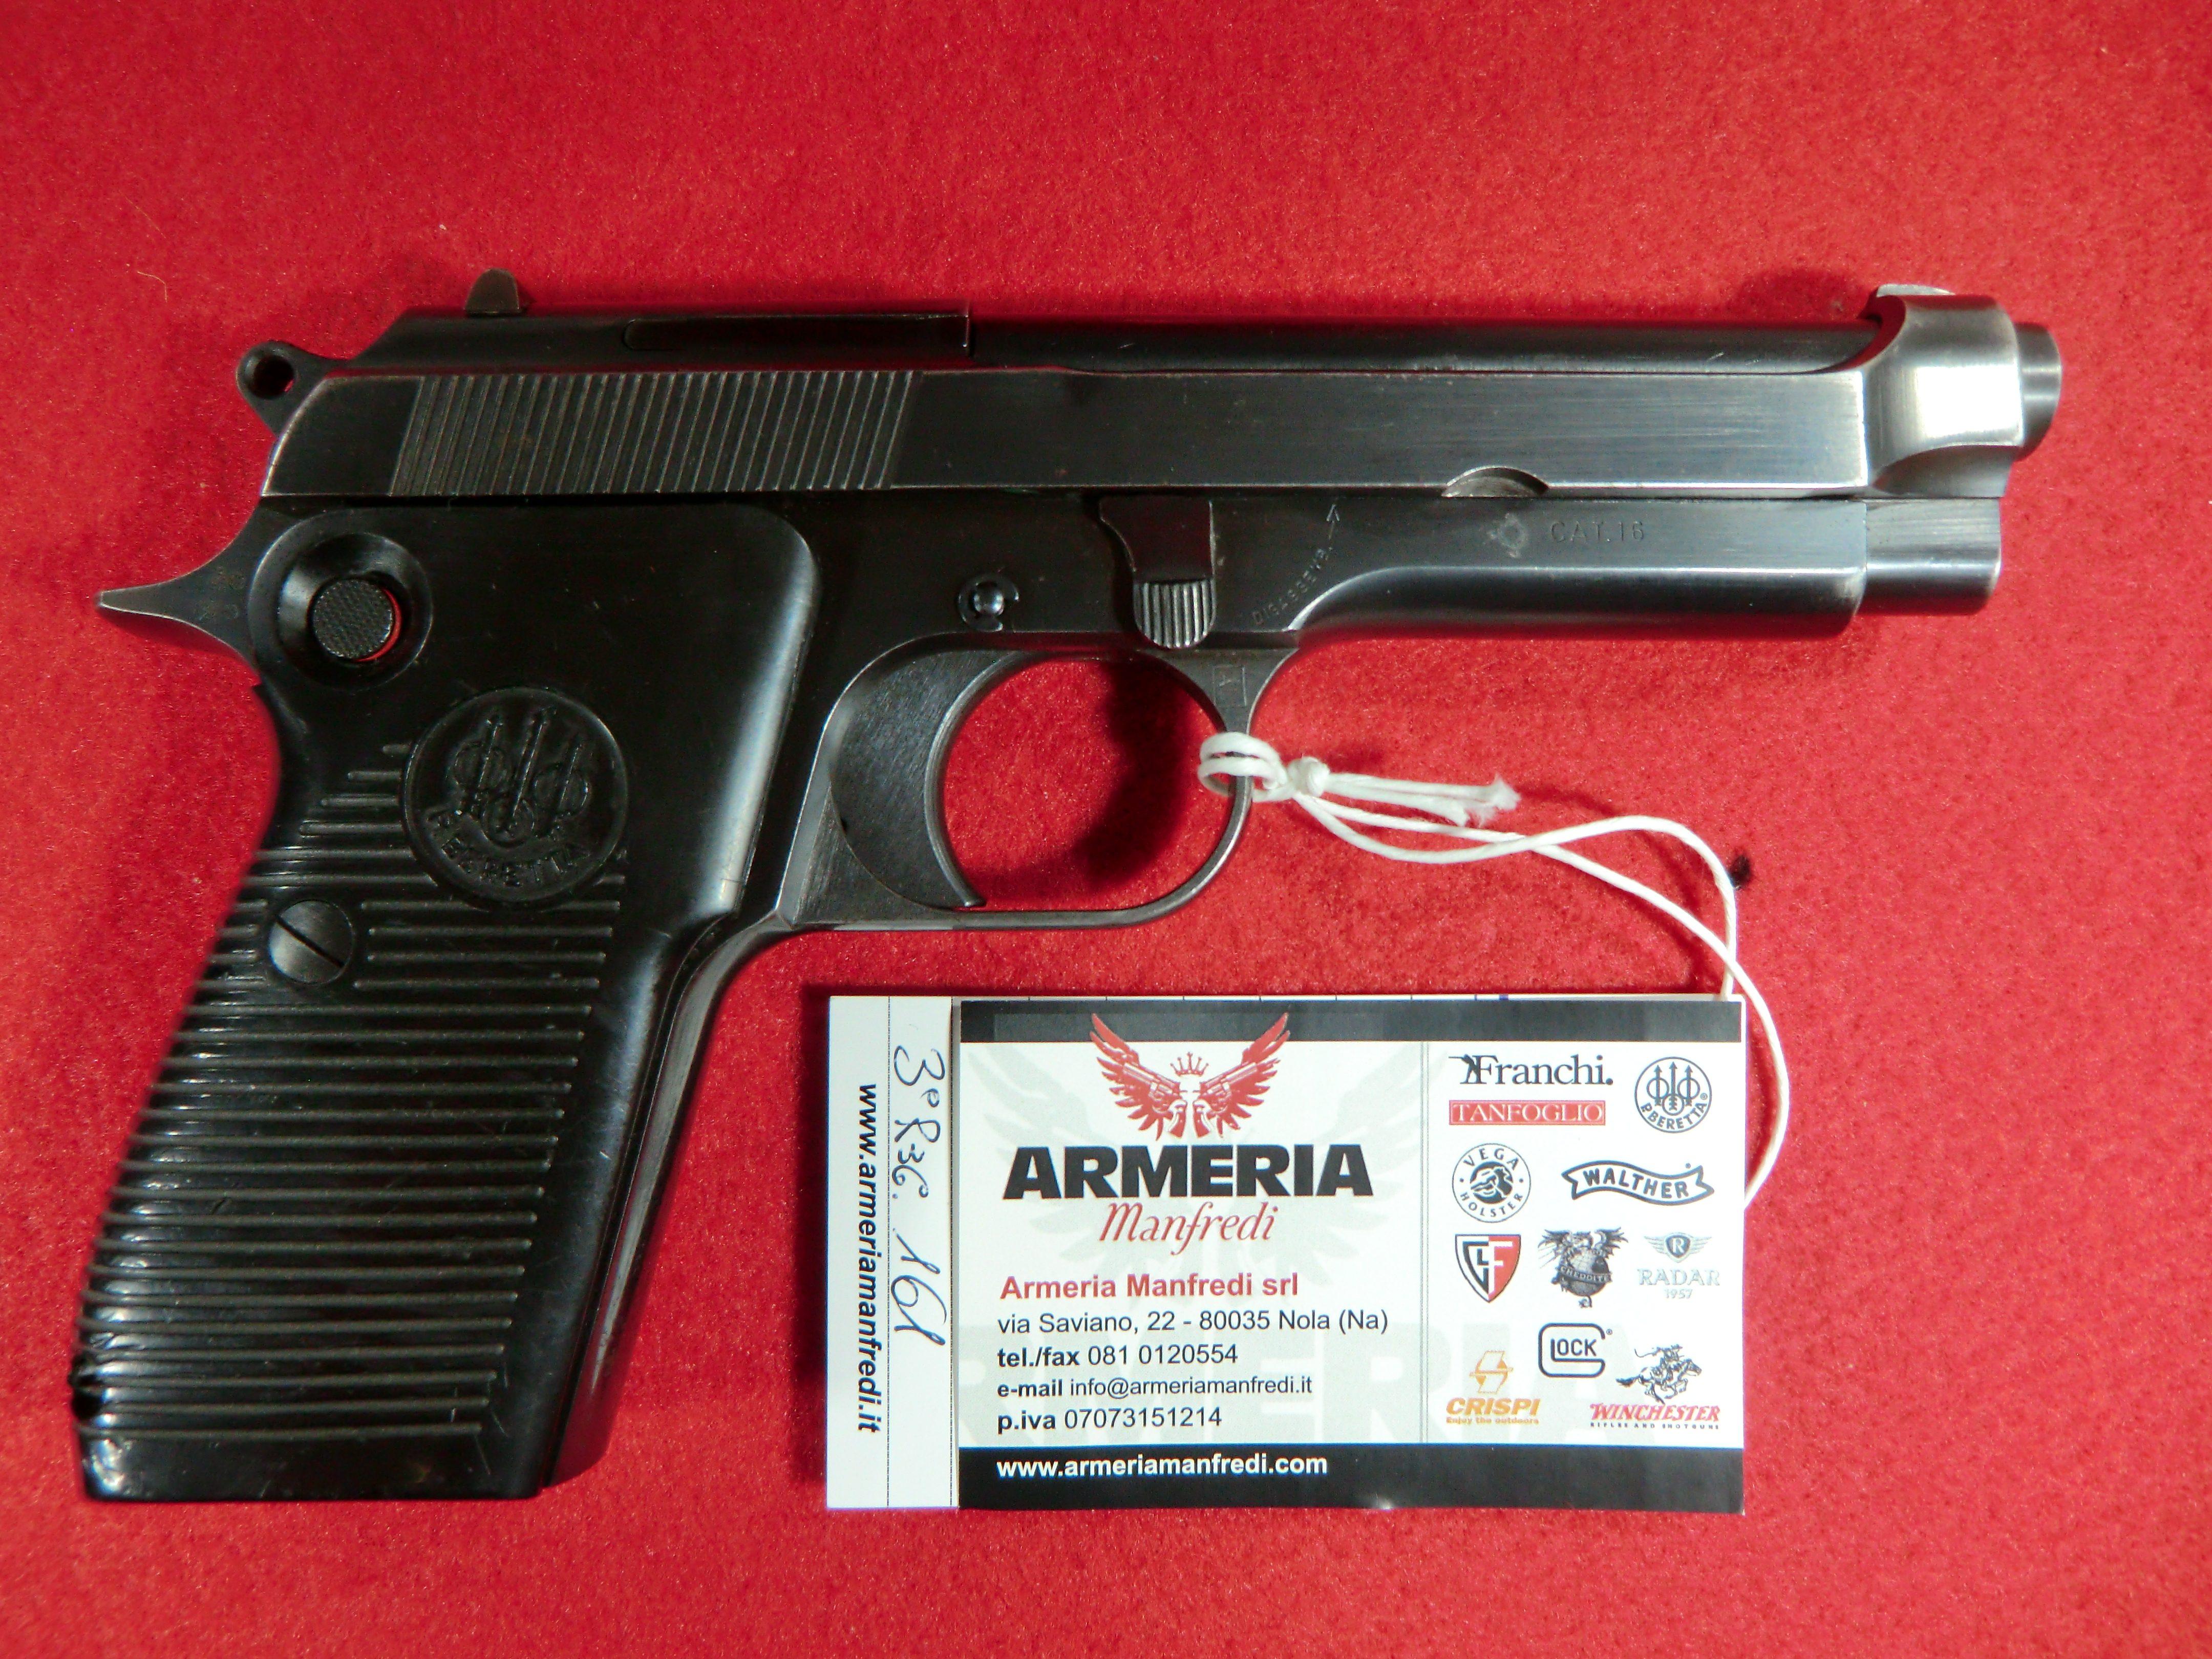 Beretta modello 952 calibro 7.65 parabellum